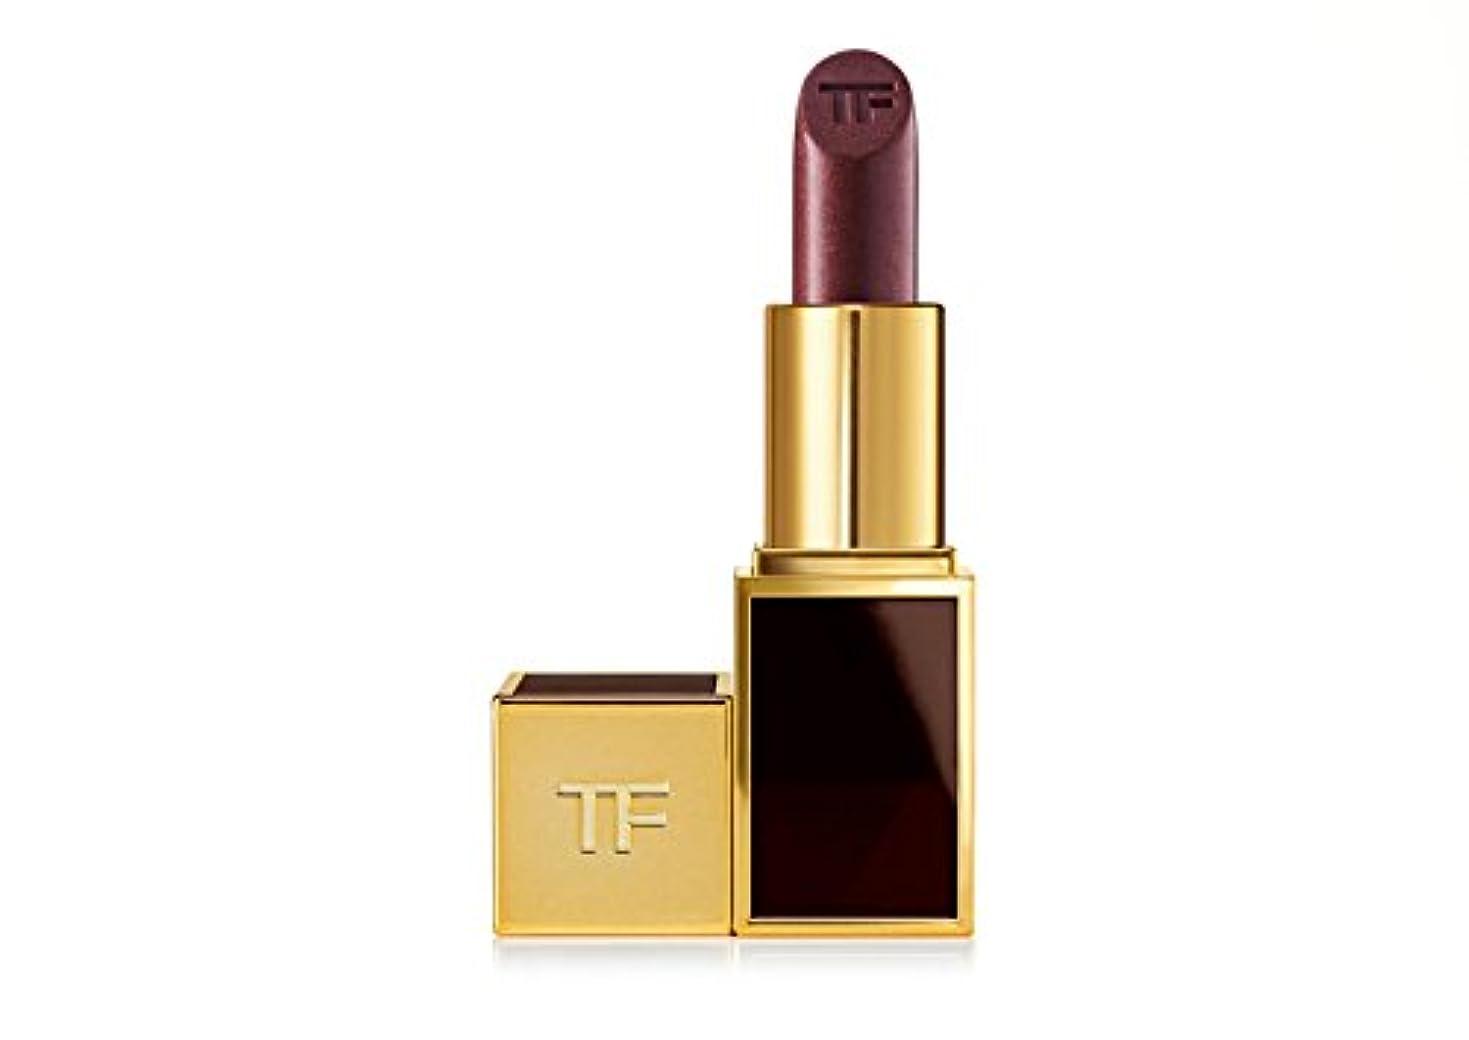 墓クロールレンダートムフォード リップス アンド ボーイズ 12 バイオレット リップカラー 口紅 Tom Ford Lipstick 12 VIOLETS Lip Color Lips and Boys (Inigo イニゴ) [並行輸入品]